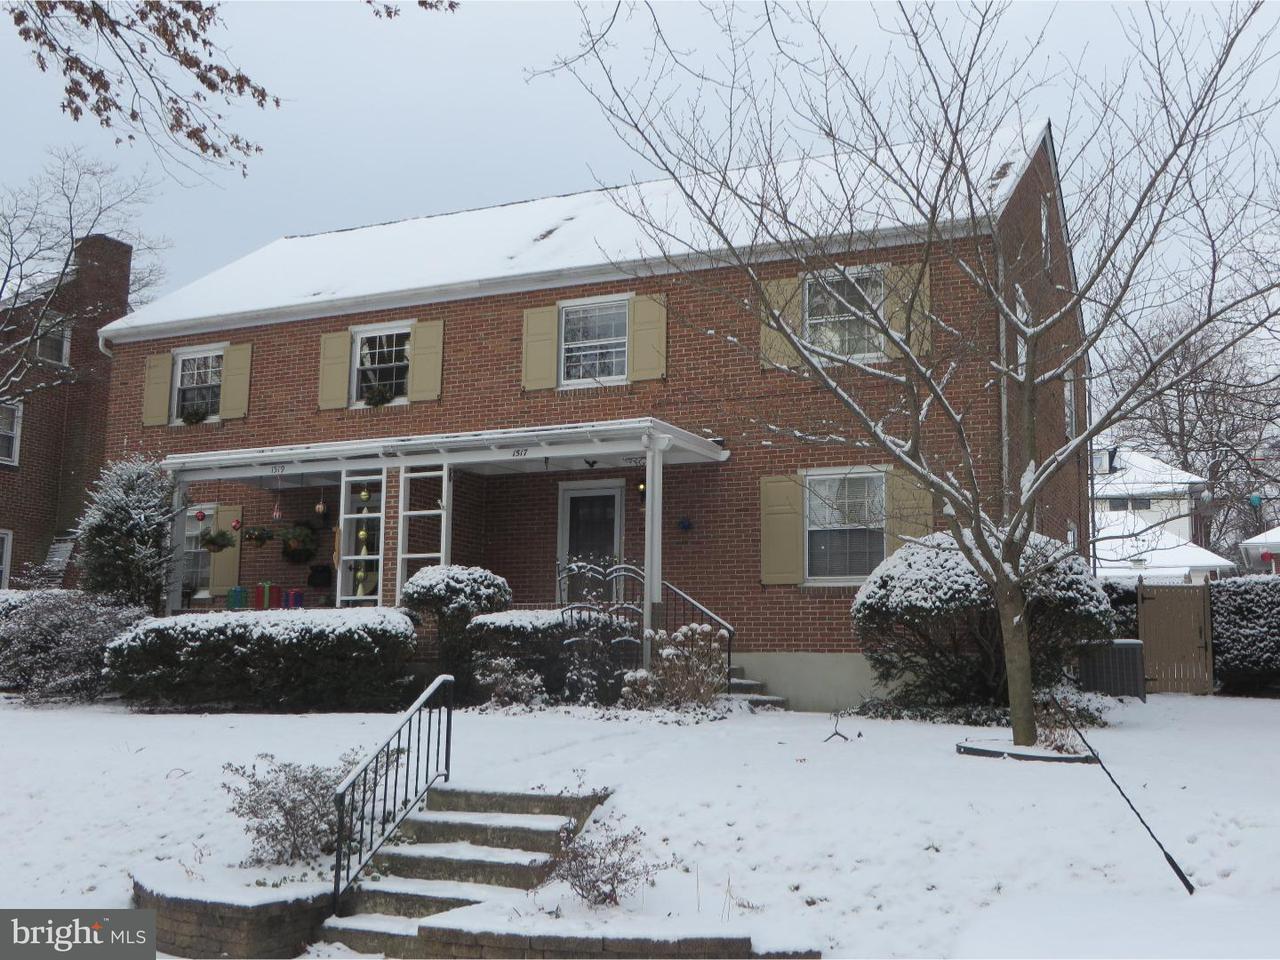 Casa unifamiliar adosada (Townhouse) por un Venta en 1517 CLEVELAND Avenue Wyomissing, Pennsylvania 19610 Estados Unidos